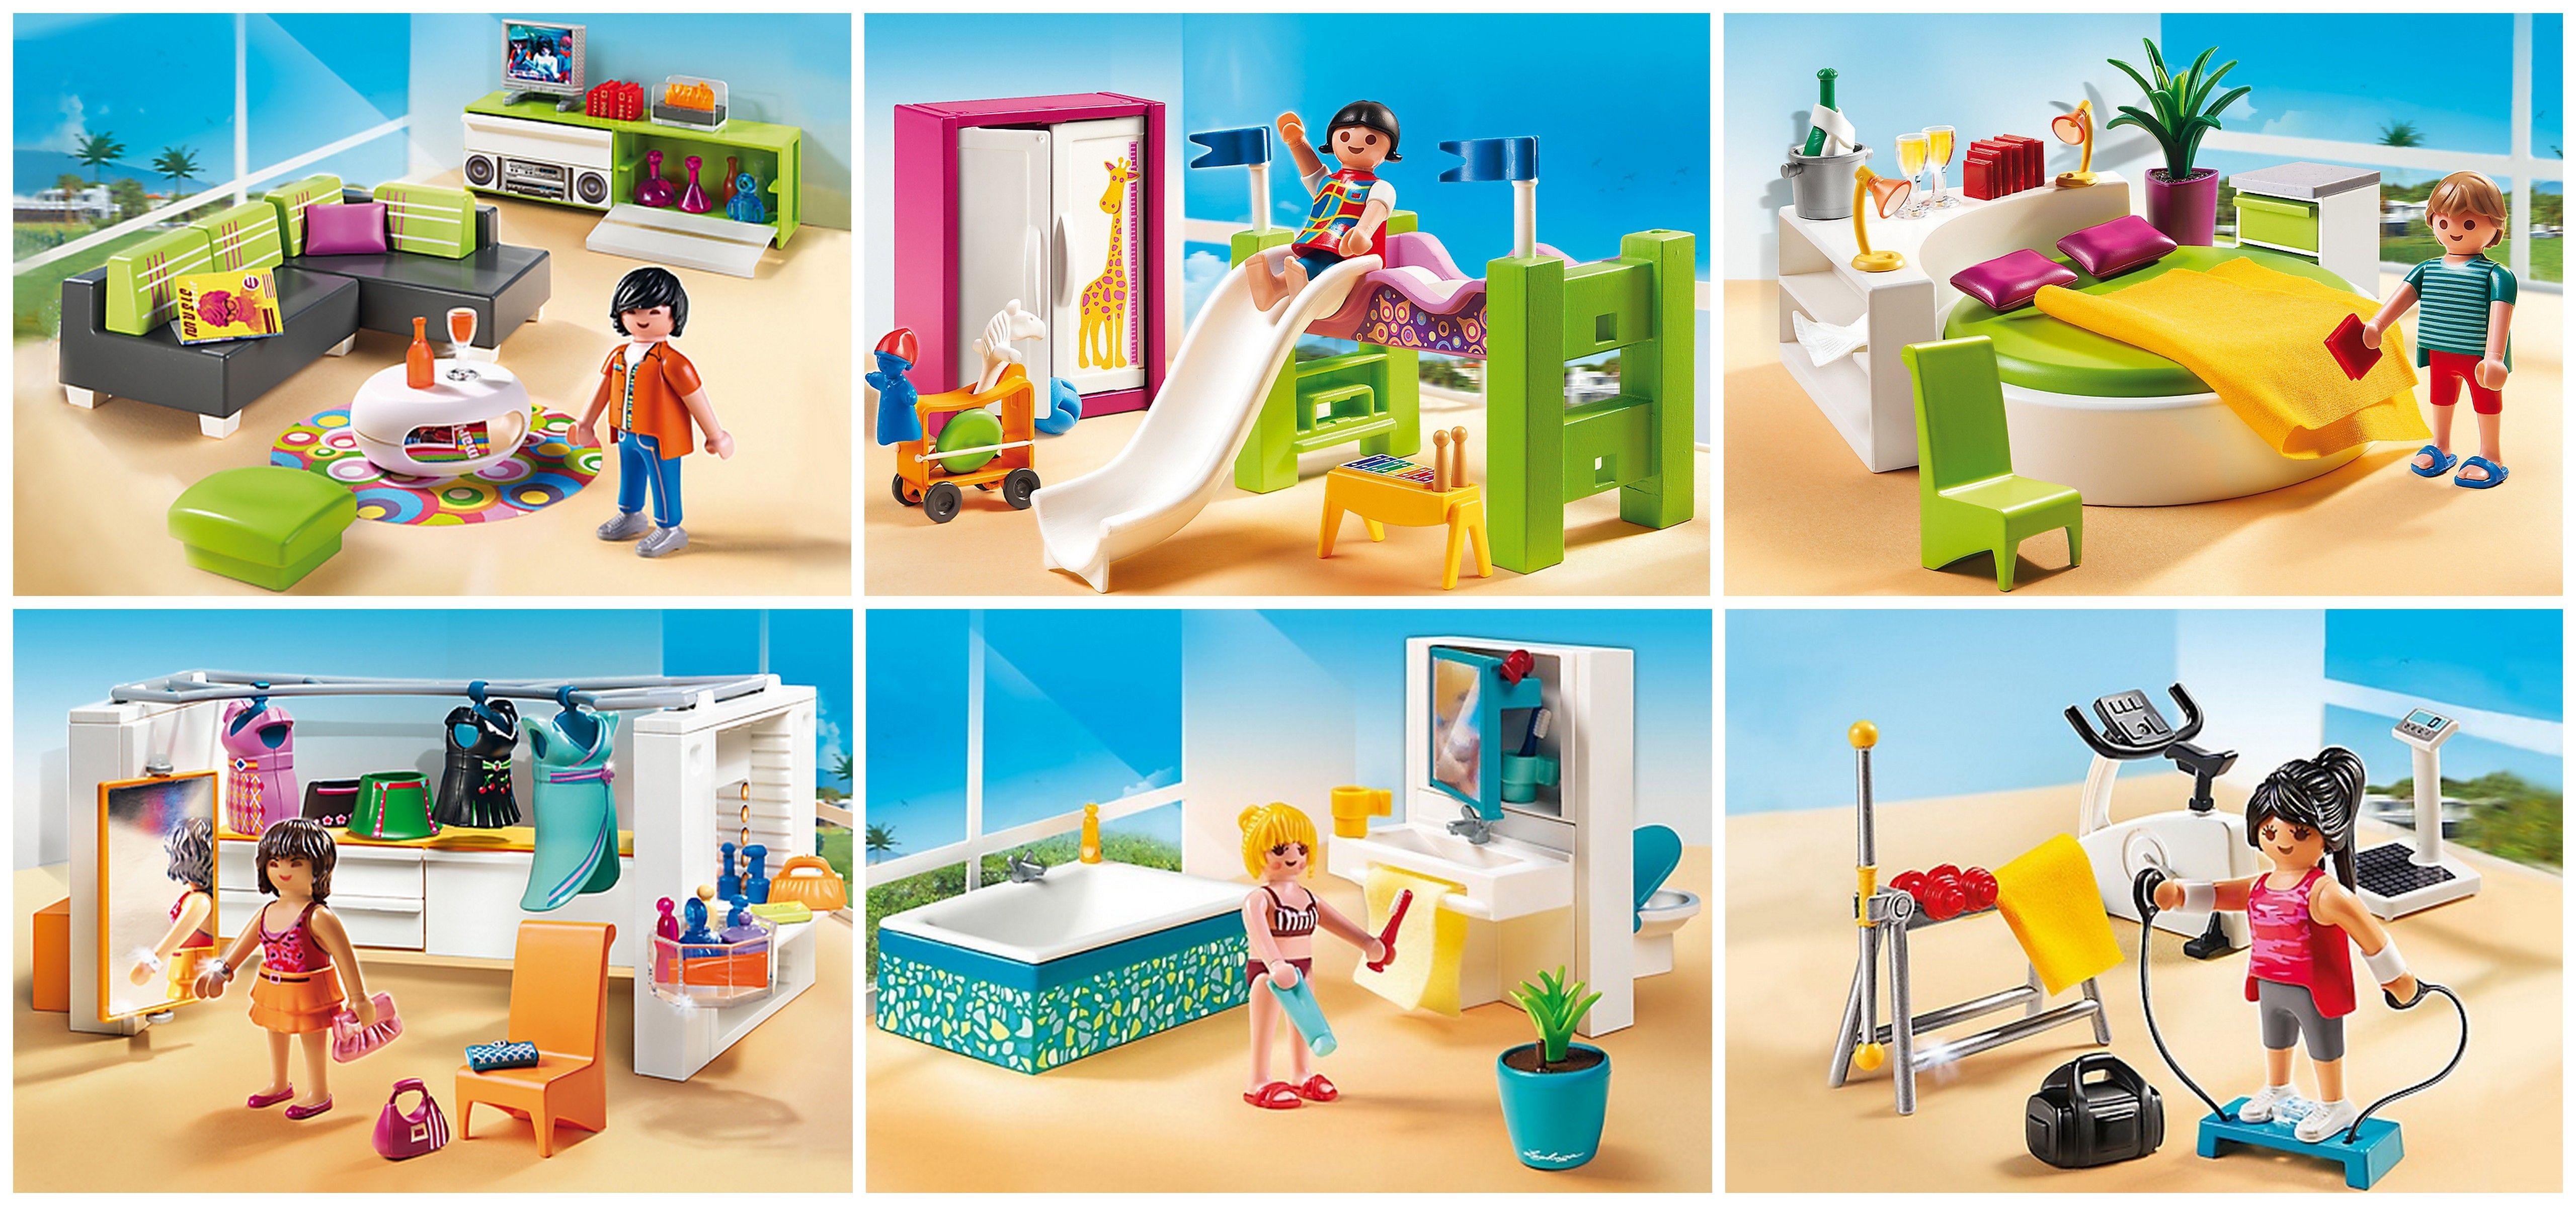 Cocina de dise o playmobil casa dise o for Casa moderna de lujo playmobil